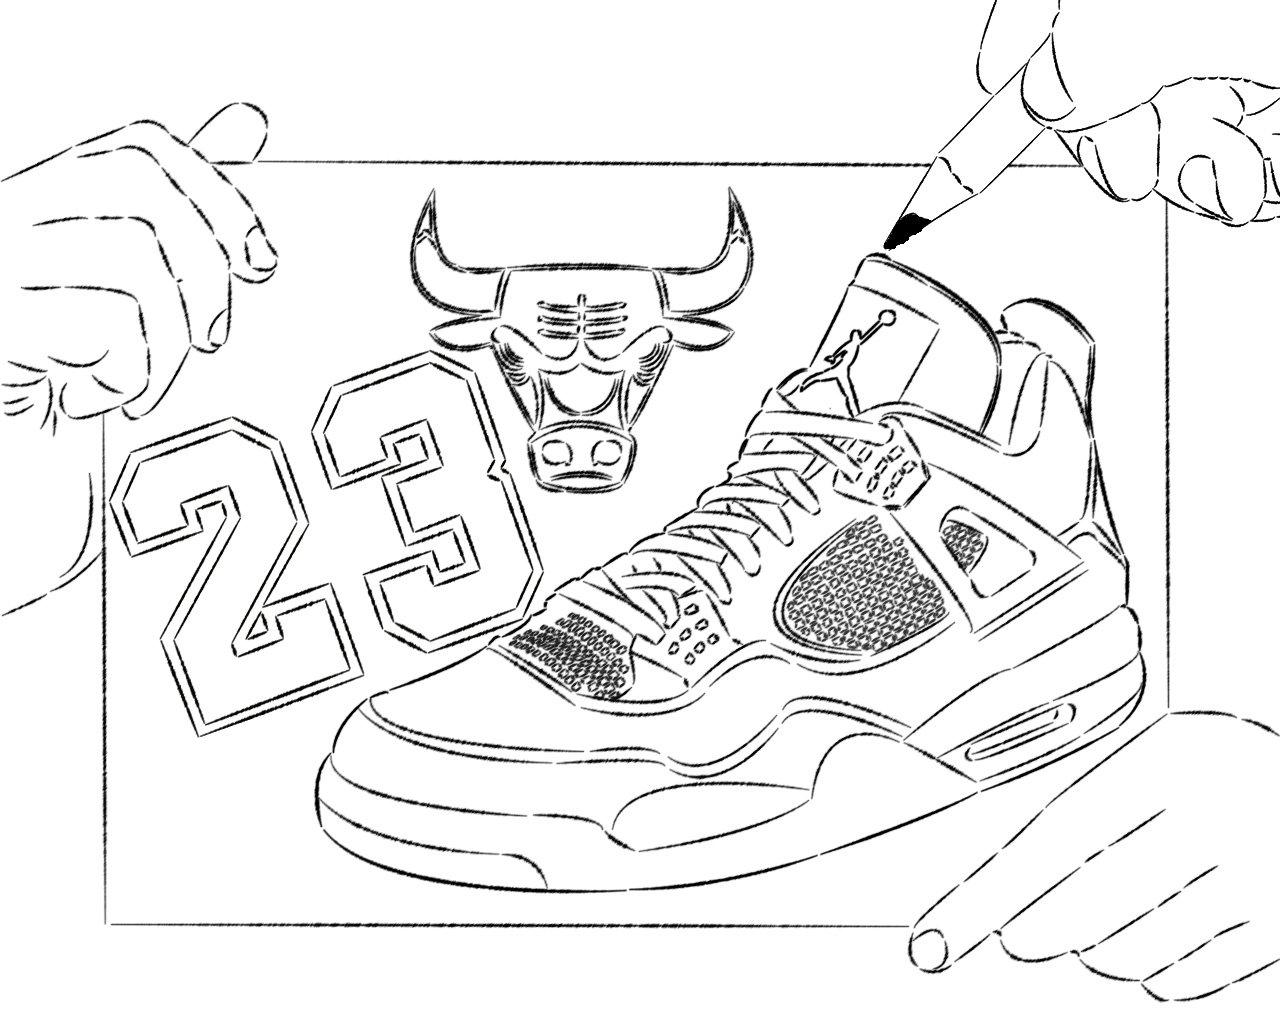 Drawn shoe coloring sheet Shoes Pages Pages Jordan Children